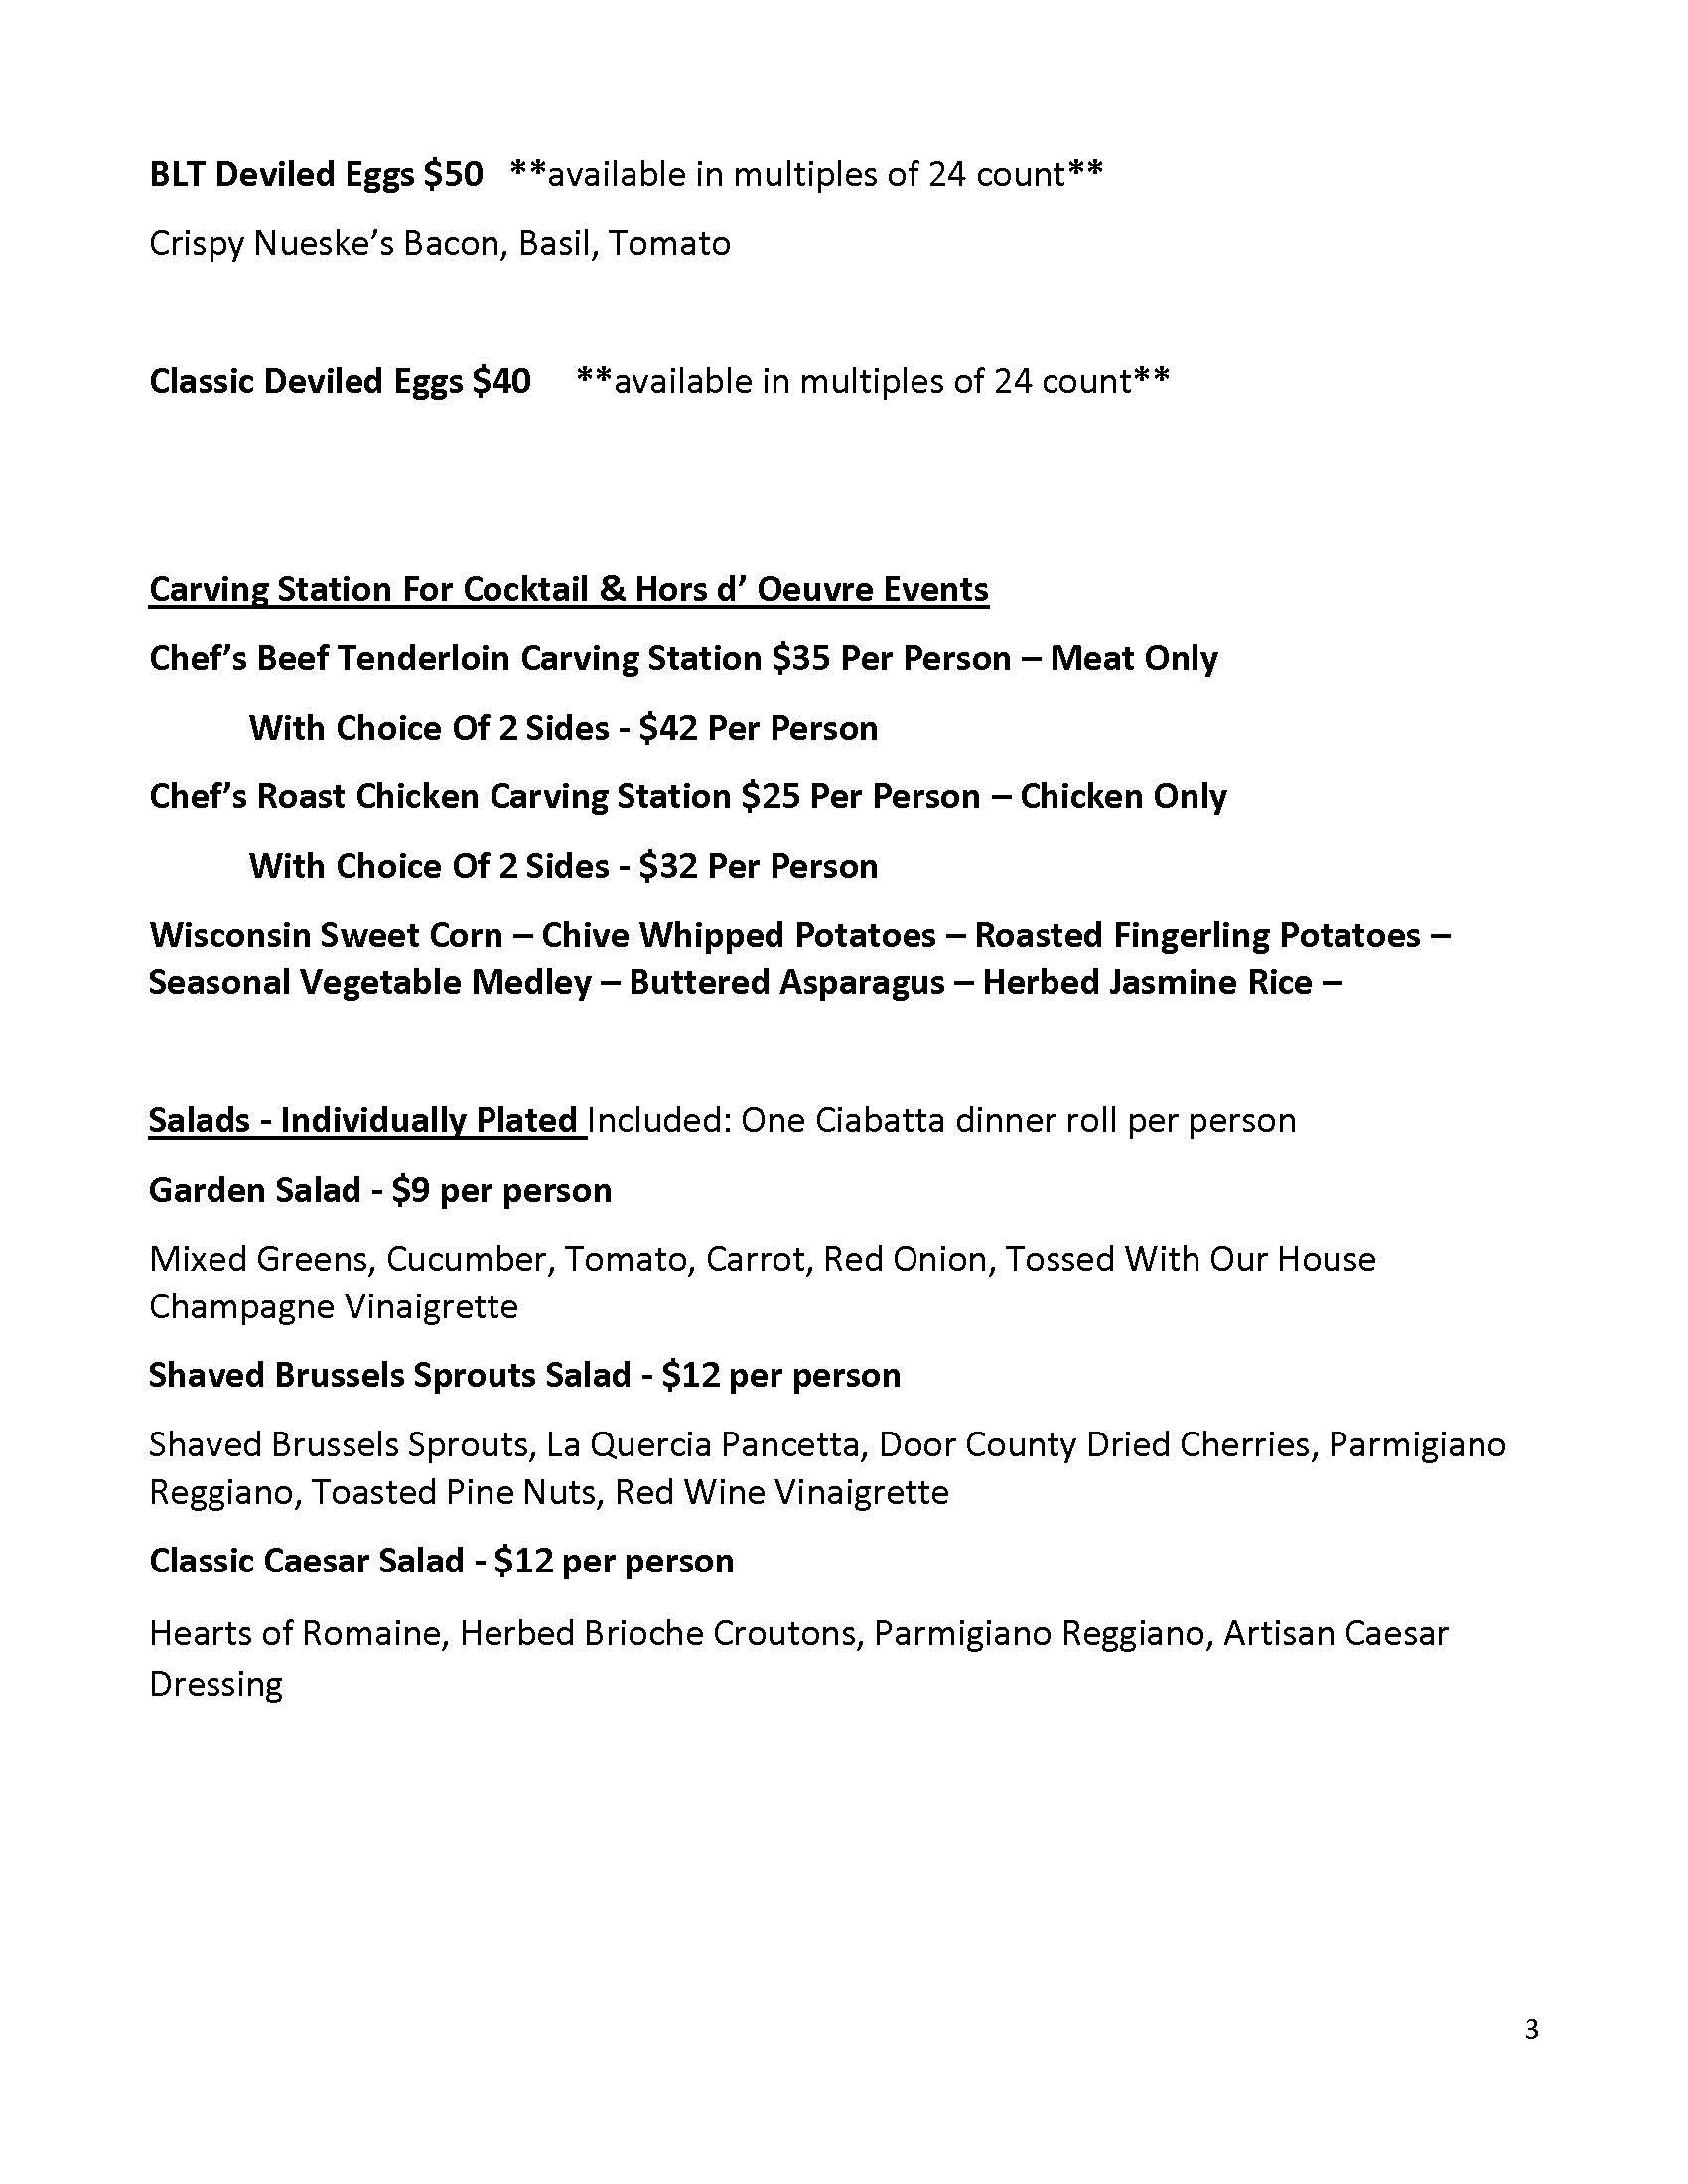 Private Event/Banquet Menu